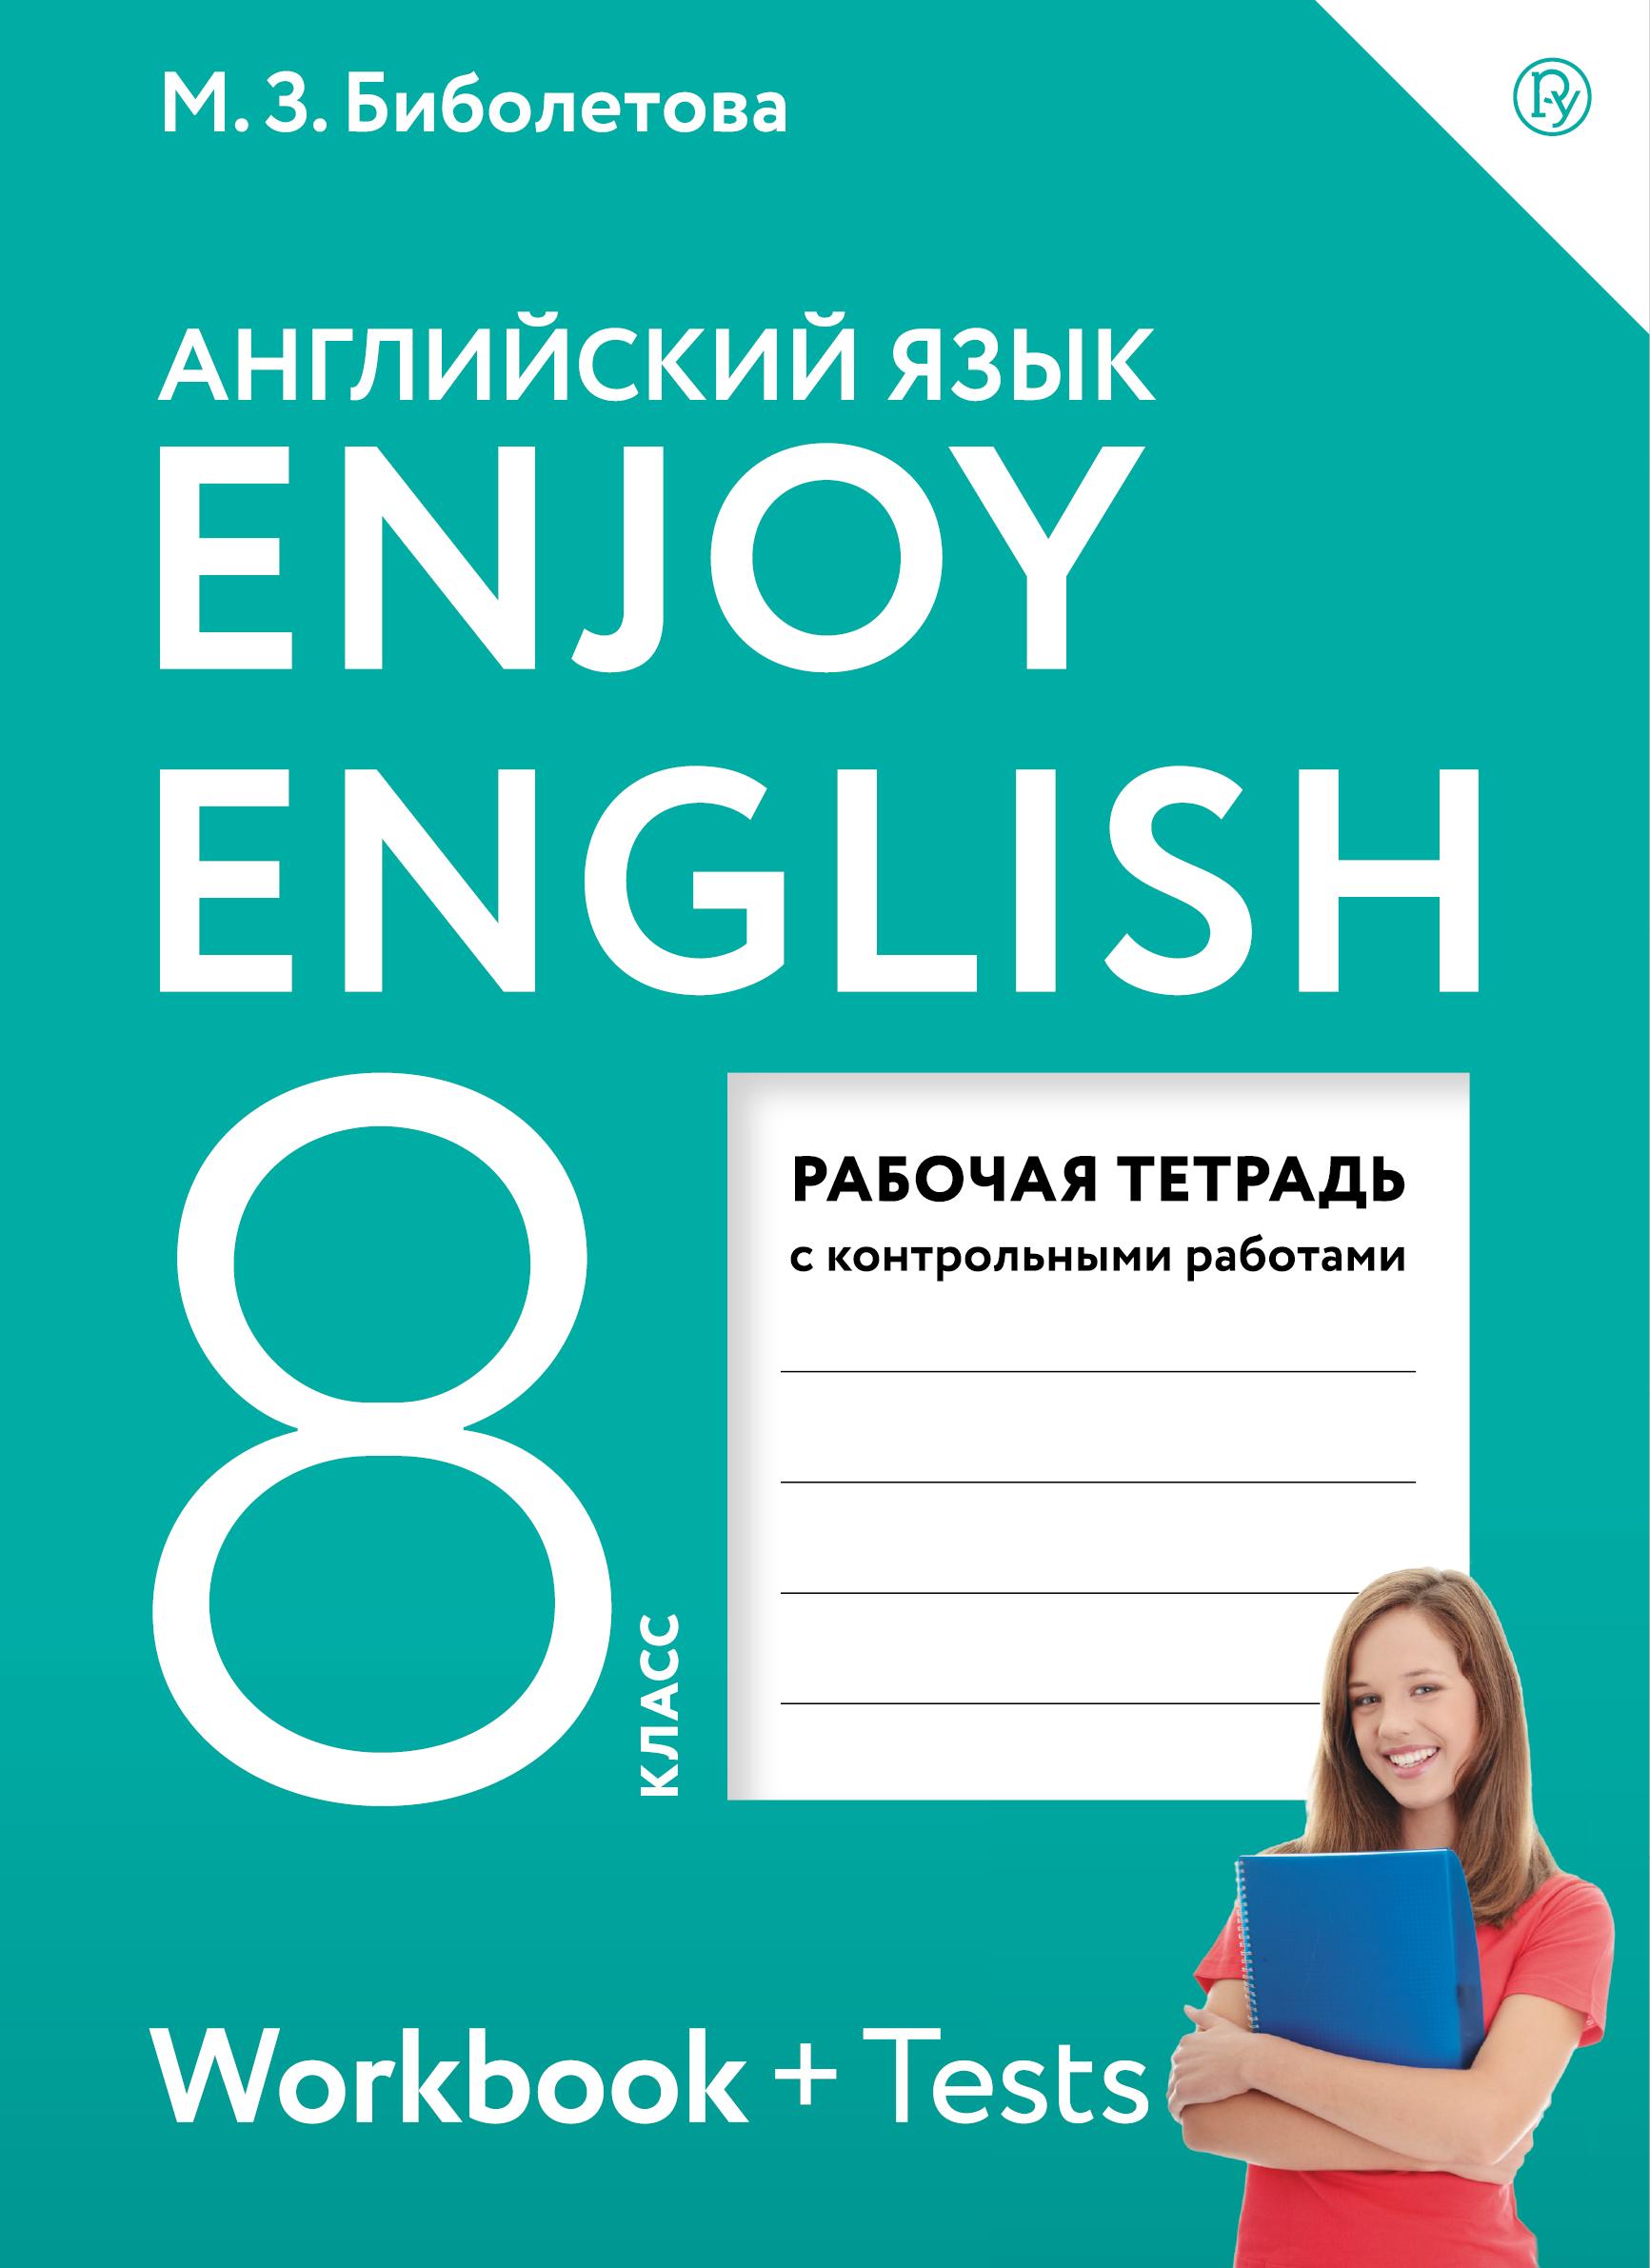 Гдз по английскому языку 8 класс рабочая тетрадь е.е.бабушис